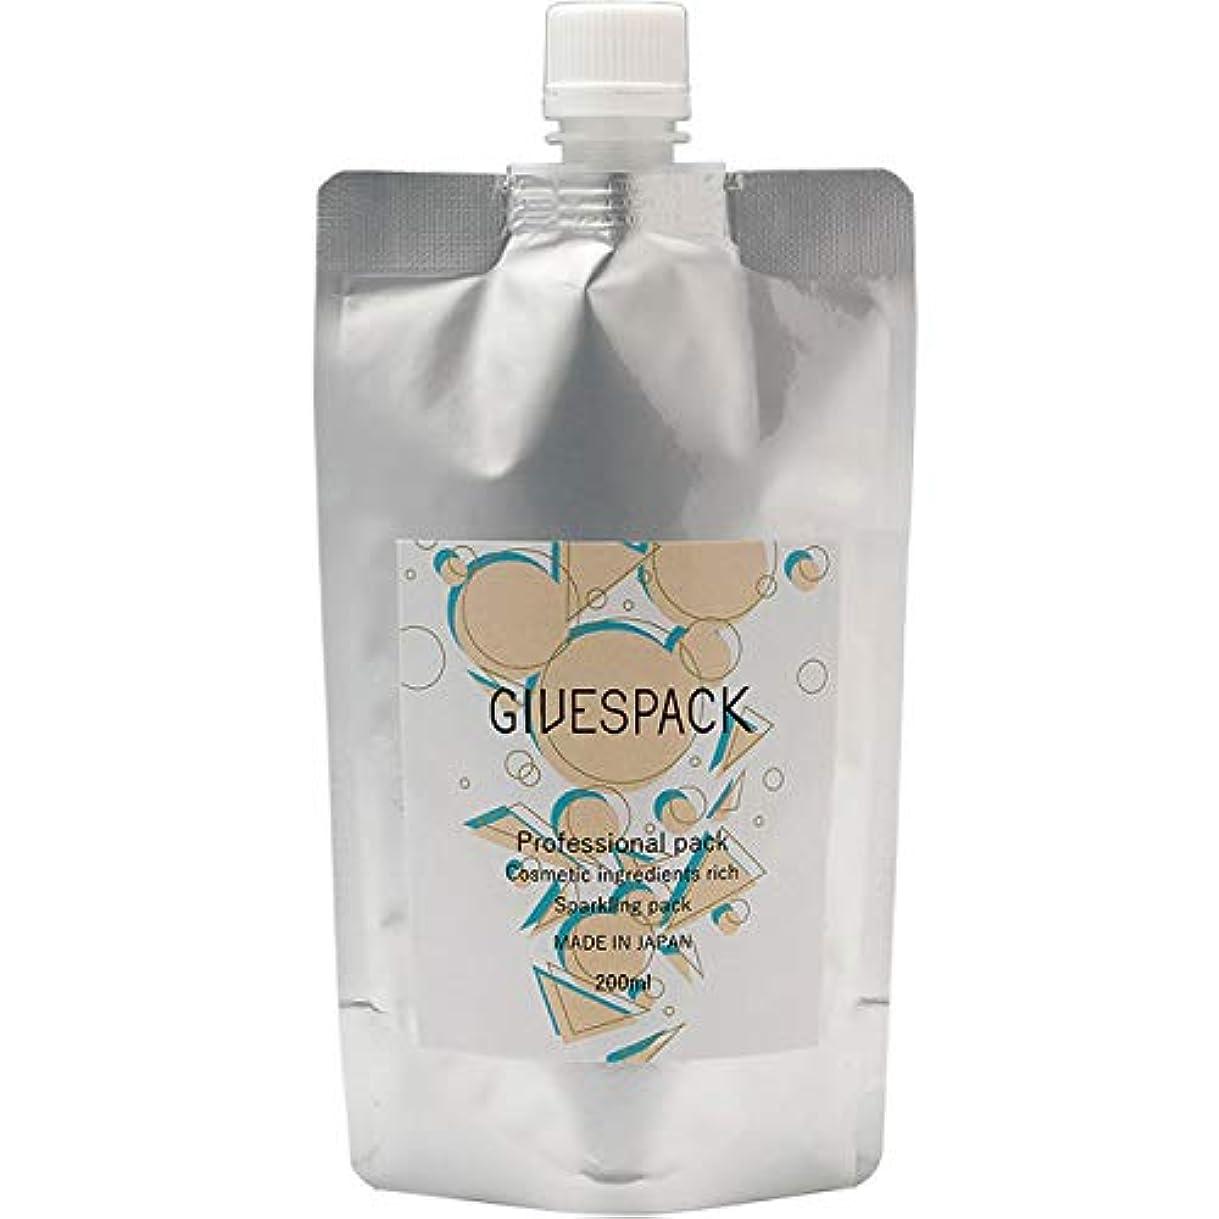 スーパーマーケット穀物クレーンNAVAN ギブスパック 炭酸パック 自宅エステ 手軽な一剤式(混ぜない) オールインワン 200ml たっぷり約23回分